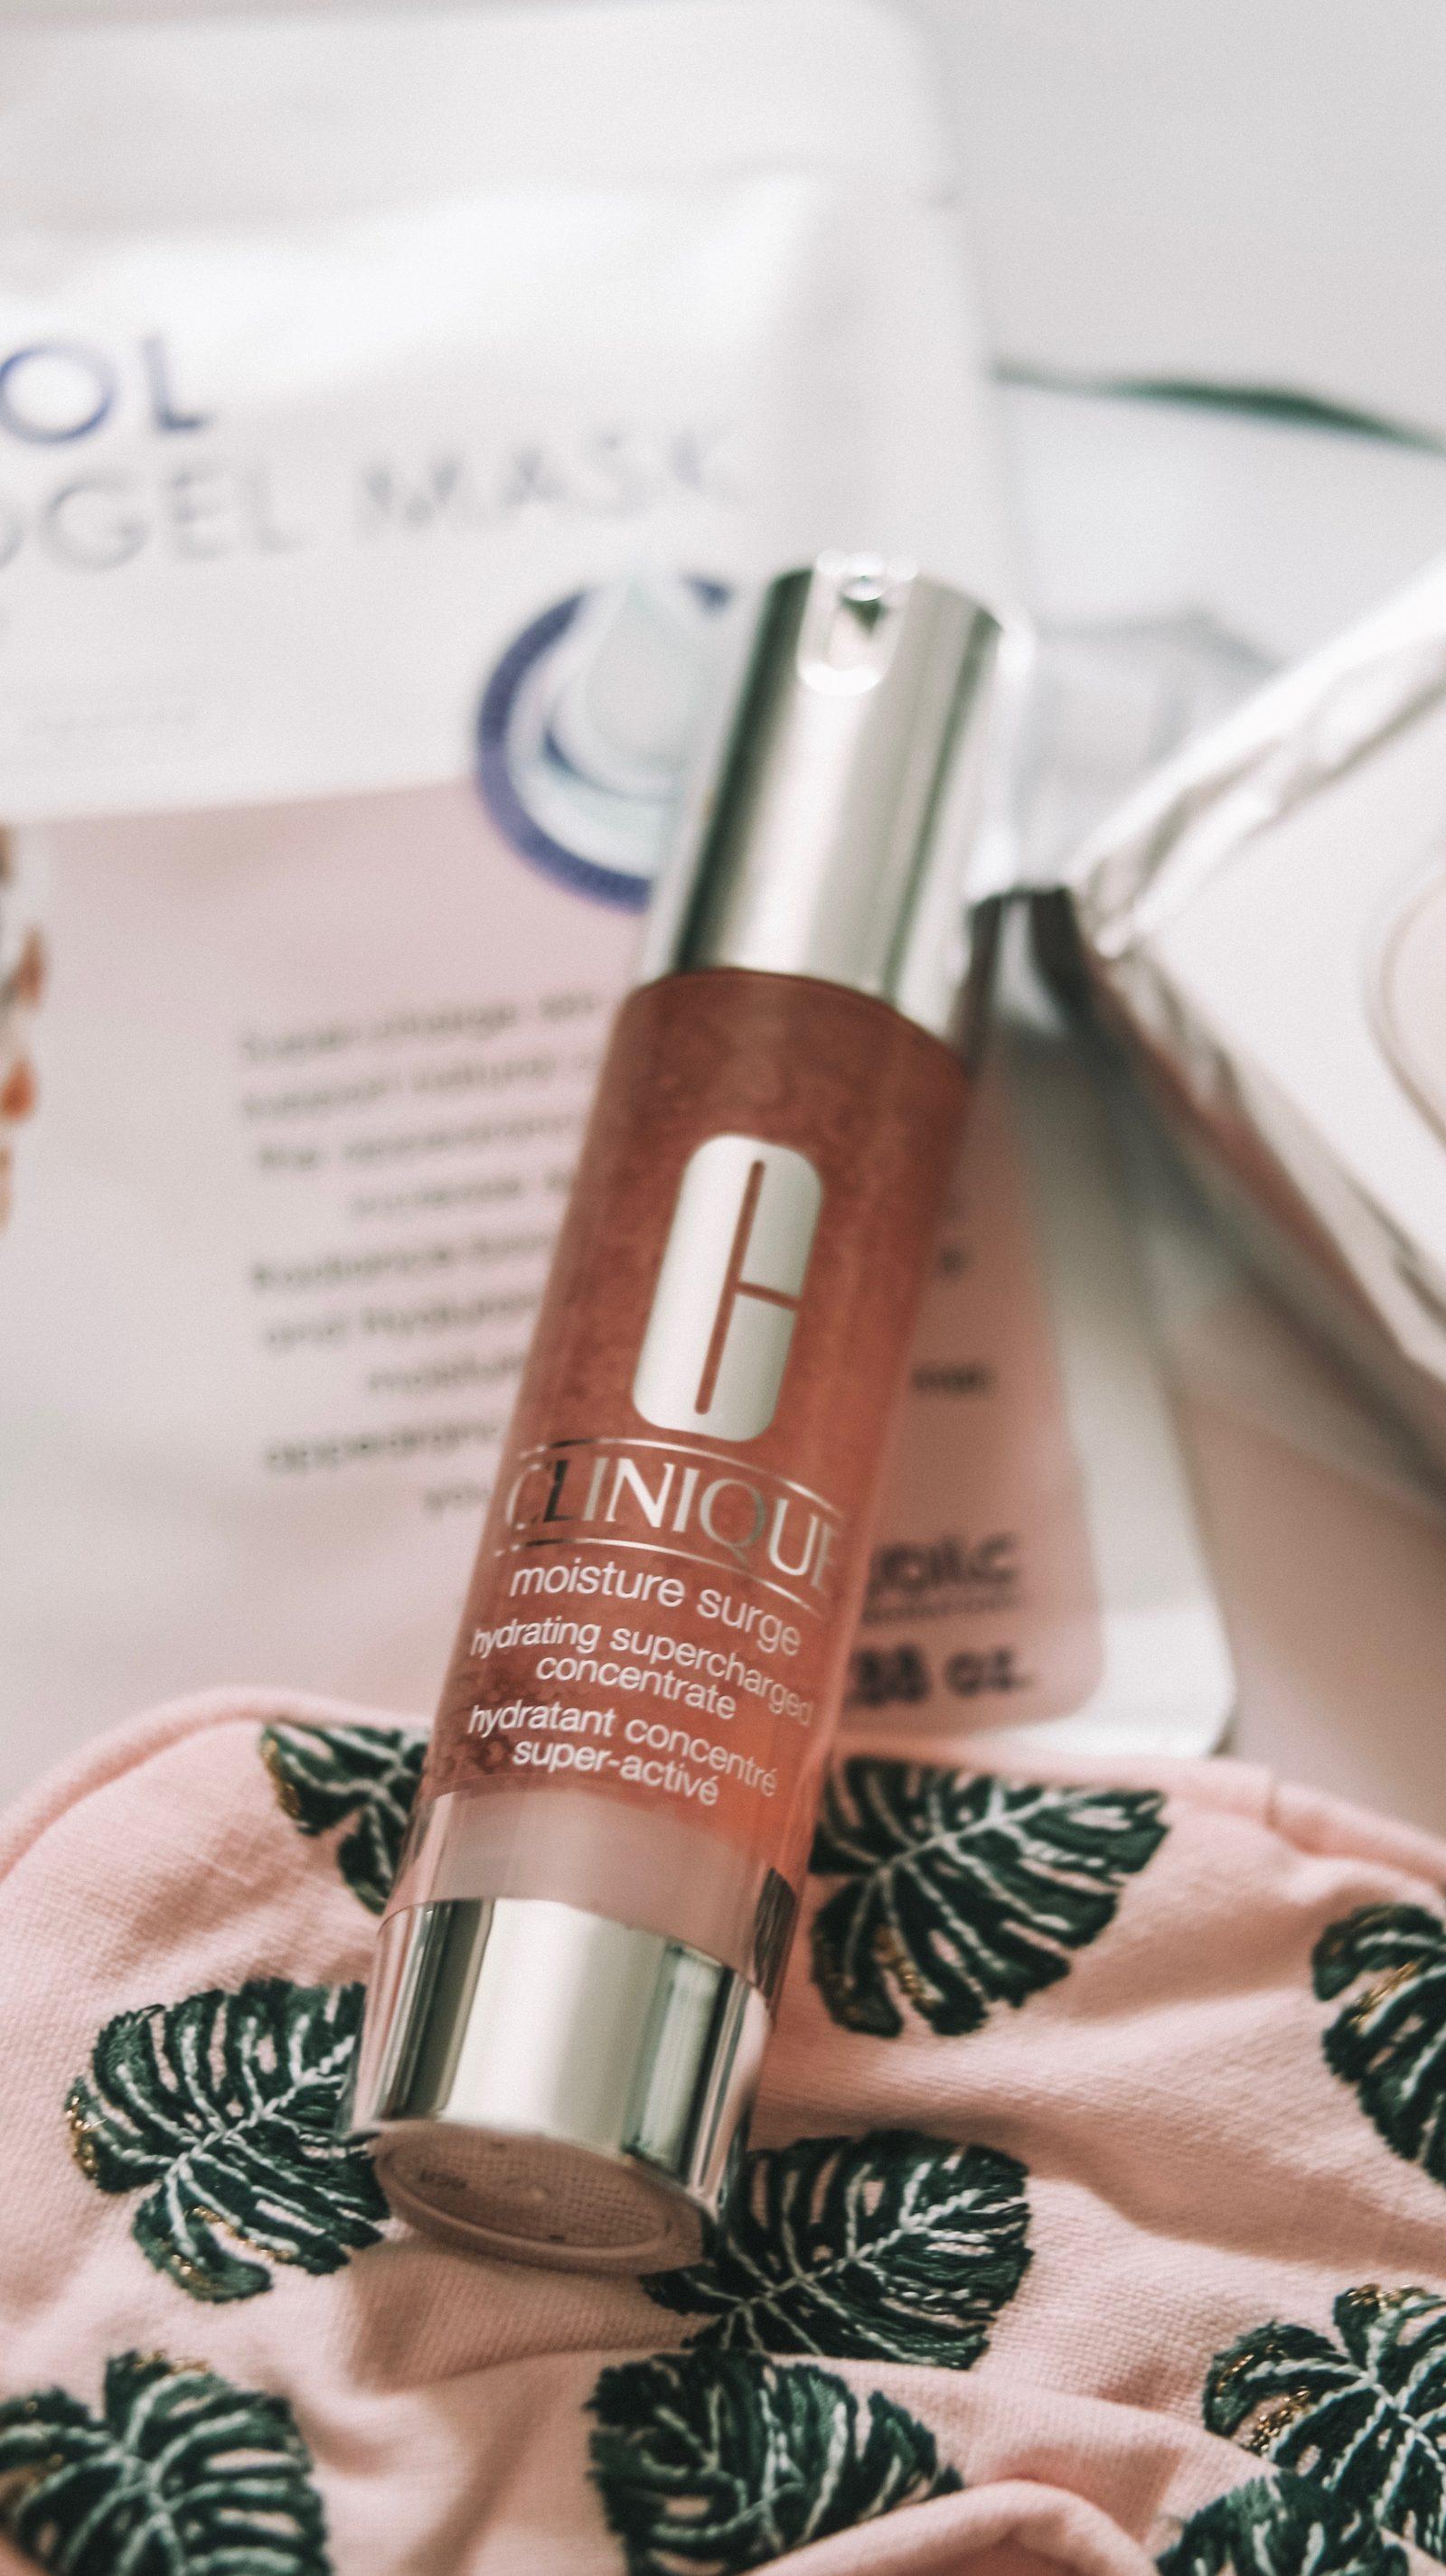 Inflight Beauty - Clinique Moisture Surge